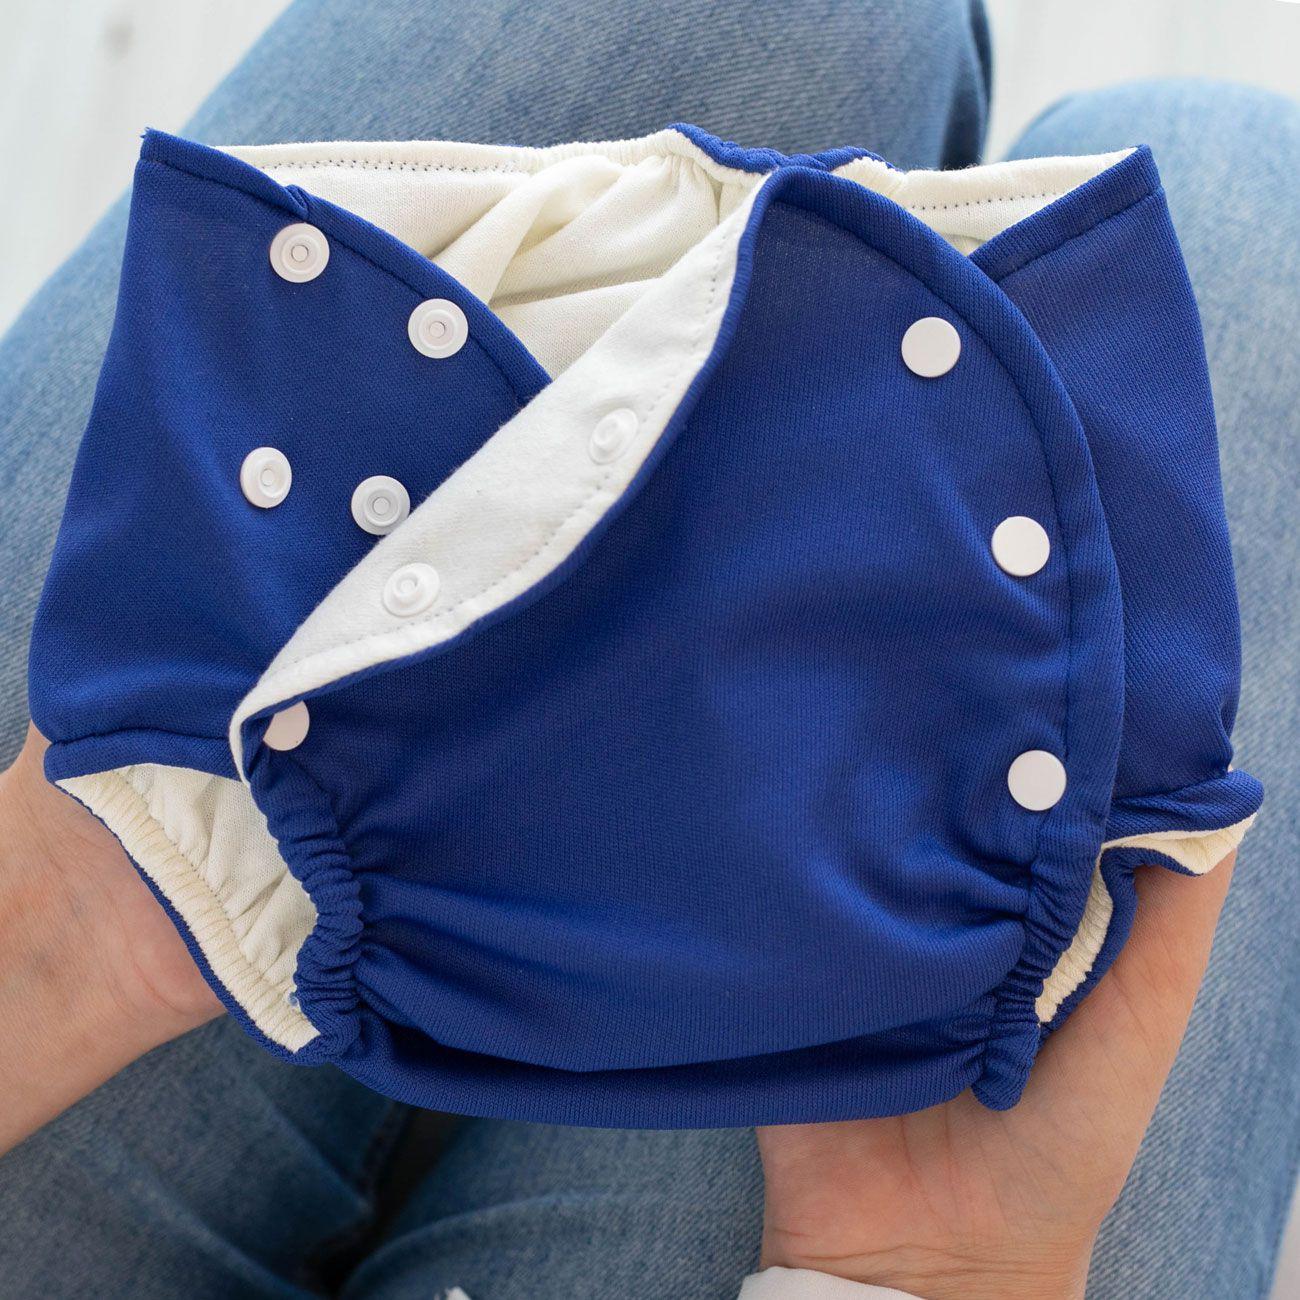 Fralda Ecológica Reutilizável com Absorvente de Pano Lavável Infantil 1 à 3 Anos Marinho